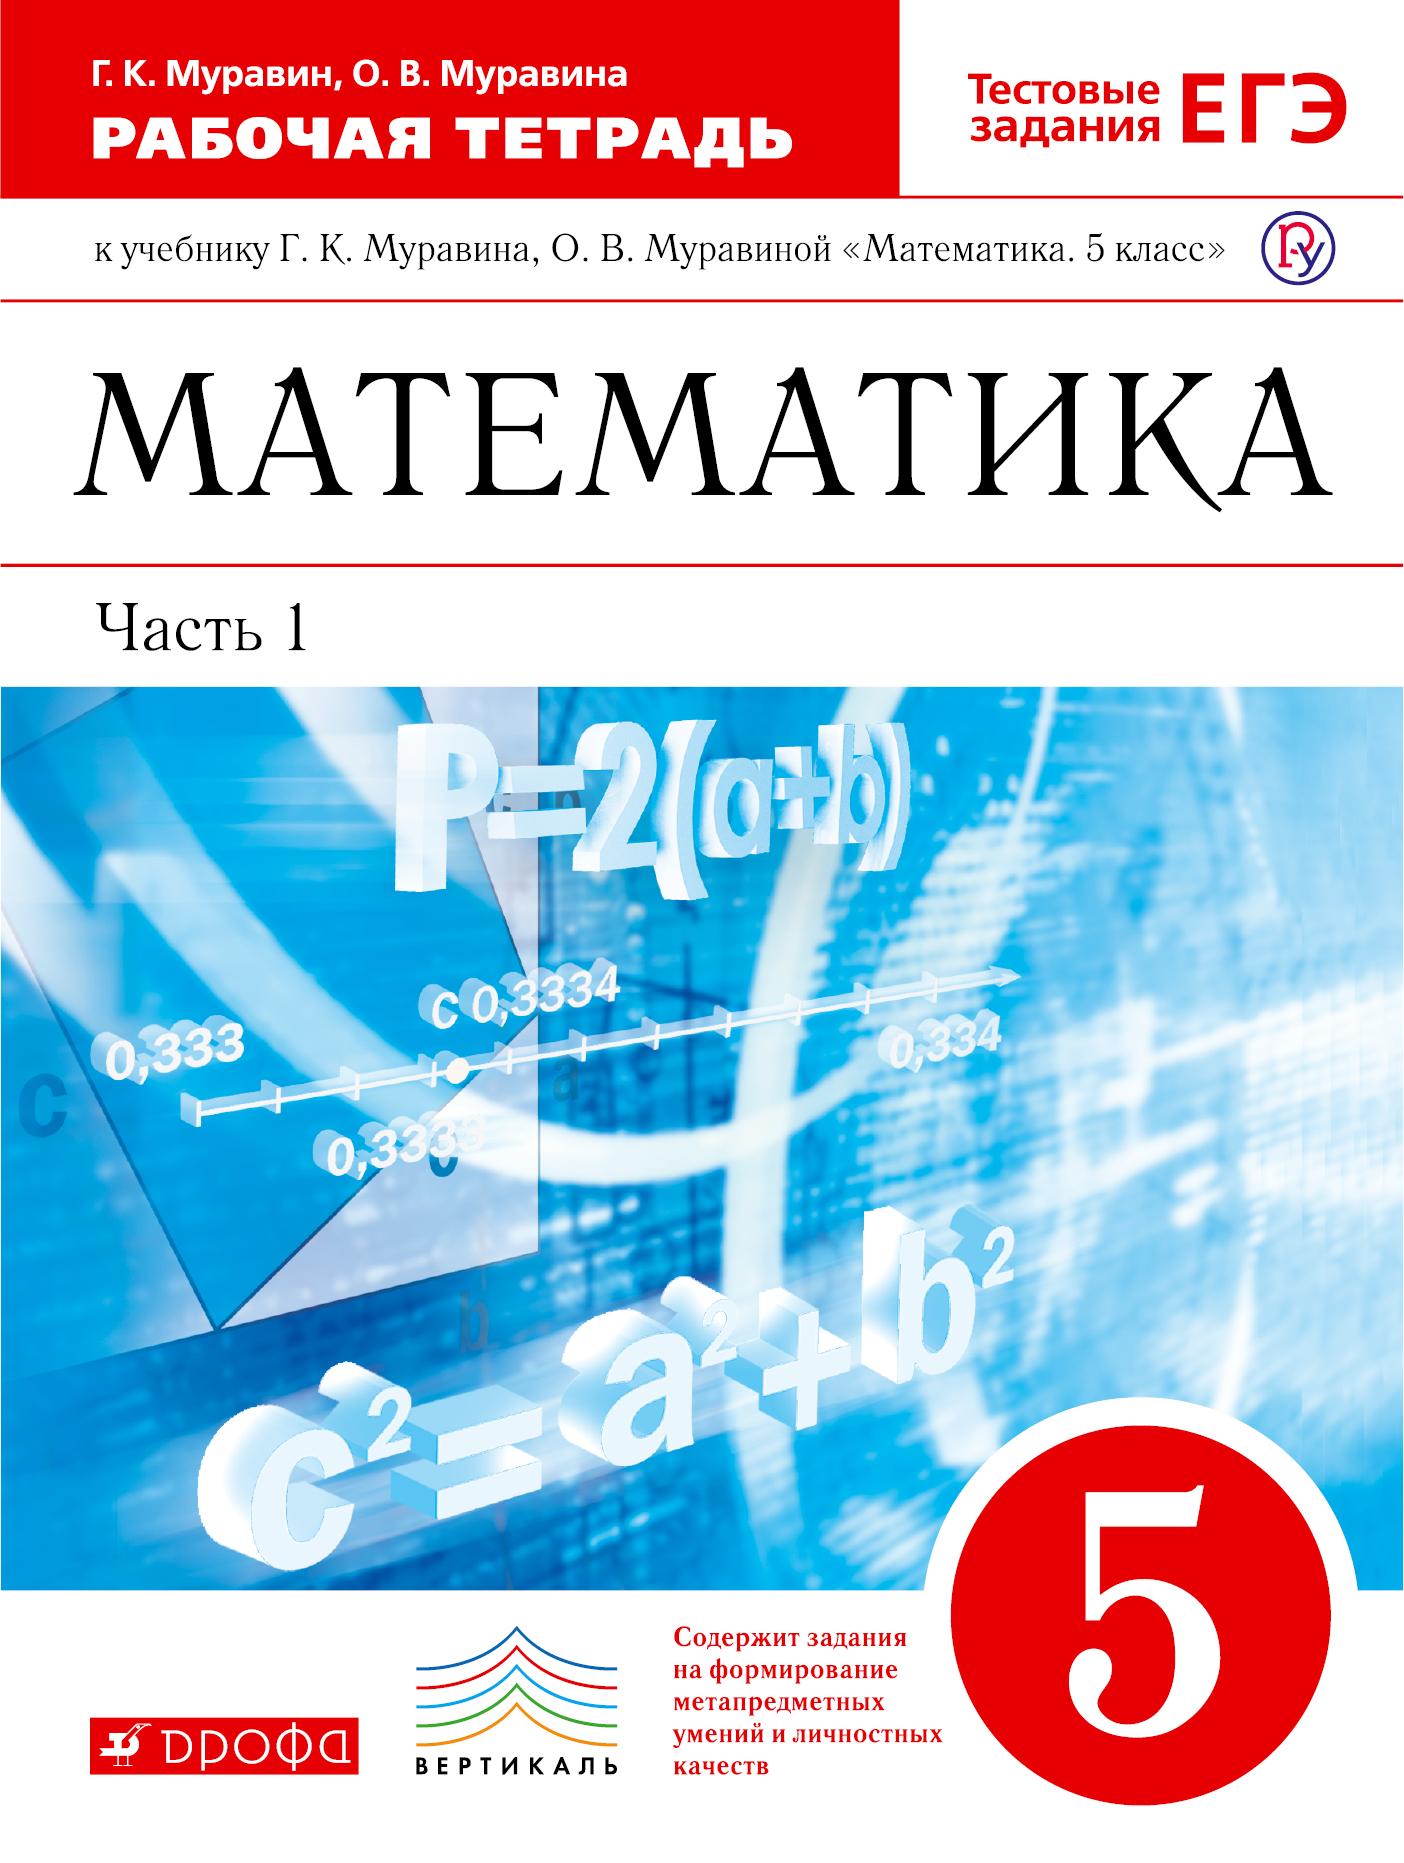 Гдз по математике 5 класс муравин 1 часть учебник